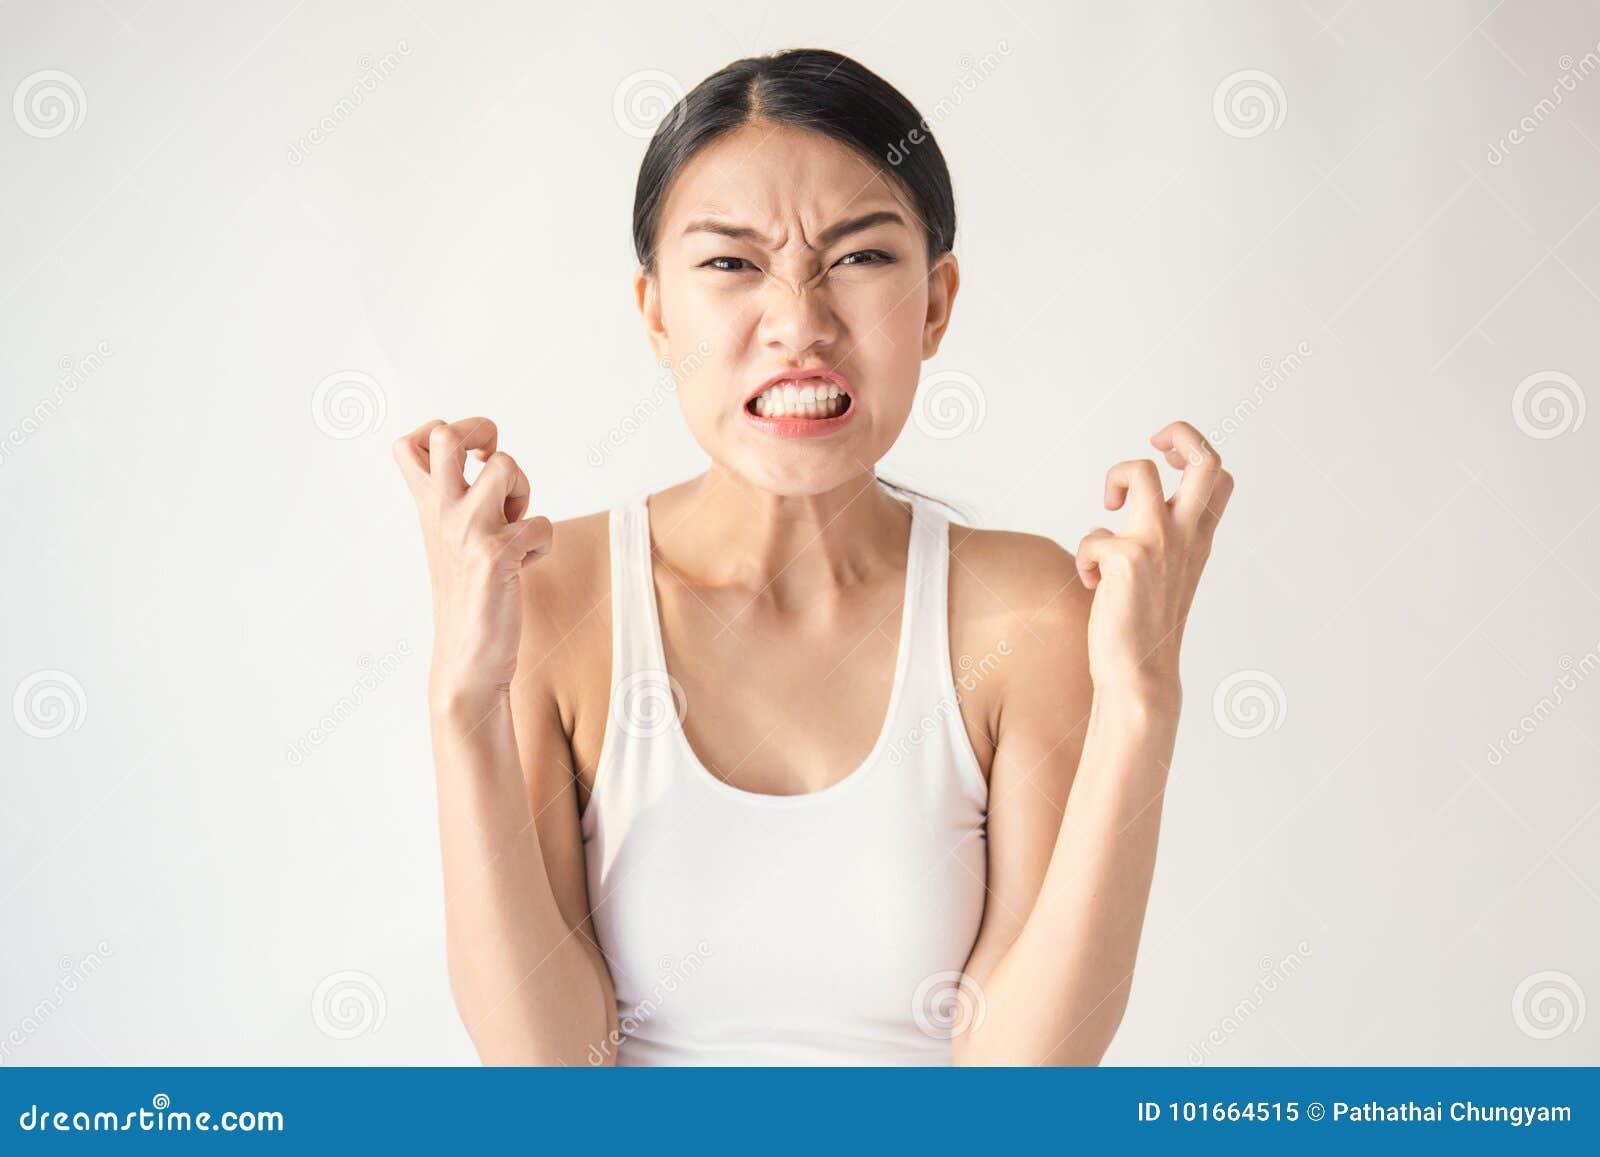 Retrato de la mujer asiática loca enojada pensativa enojada que grita hacia fuera la expresión, facial